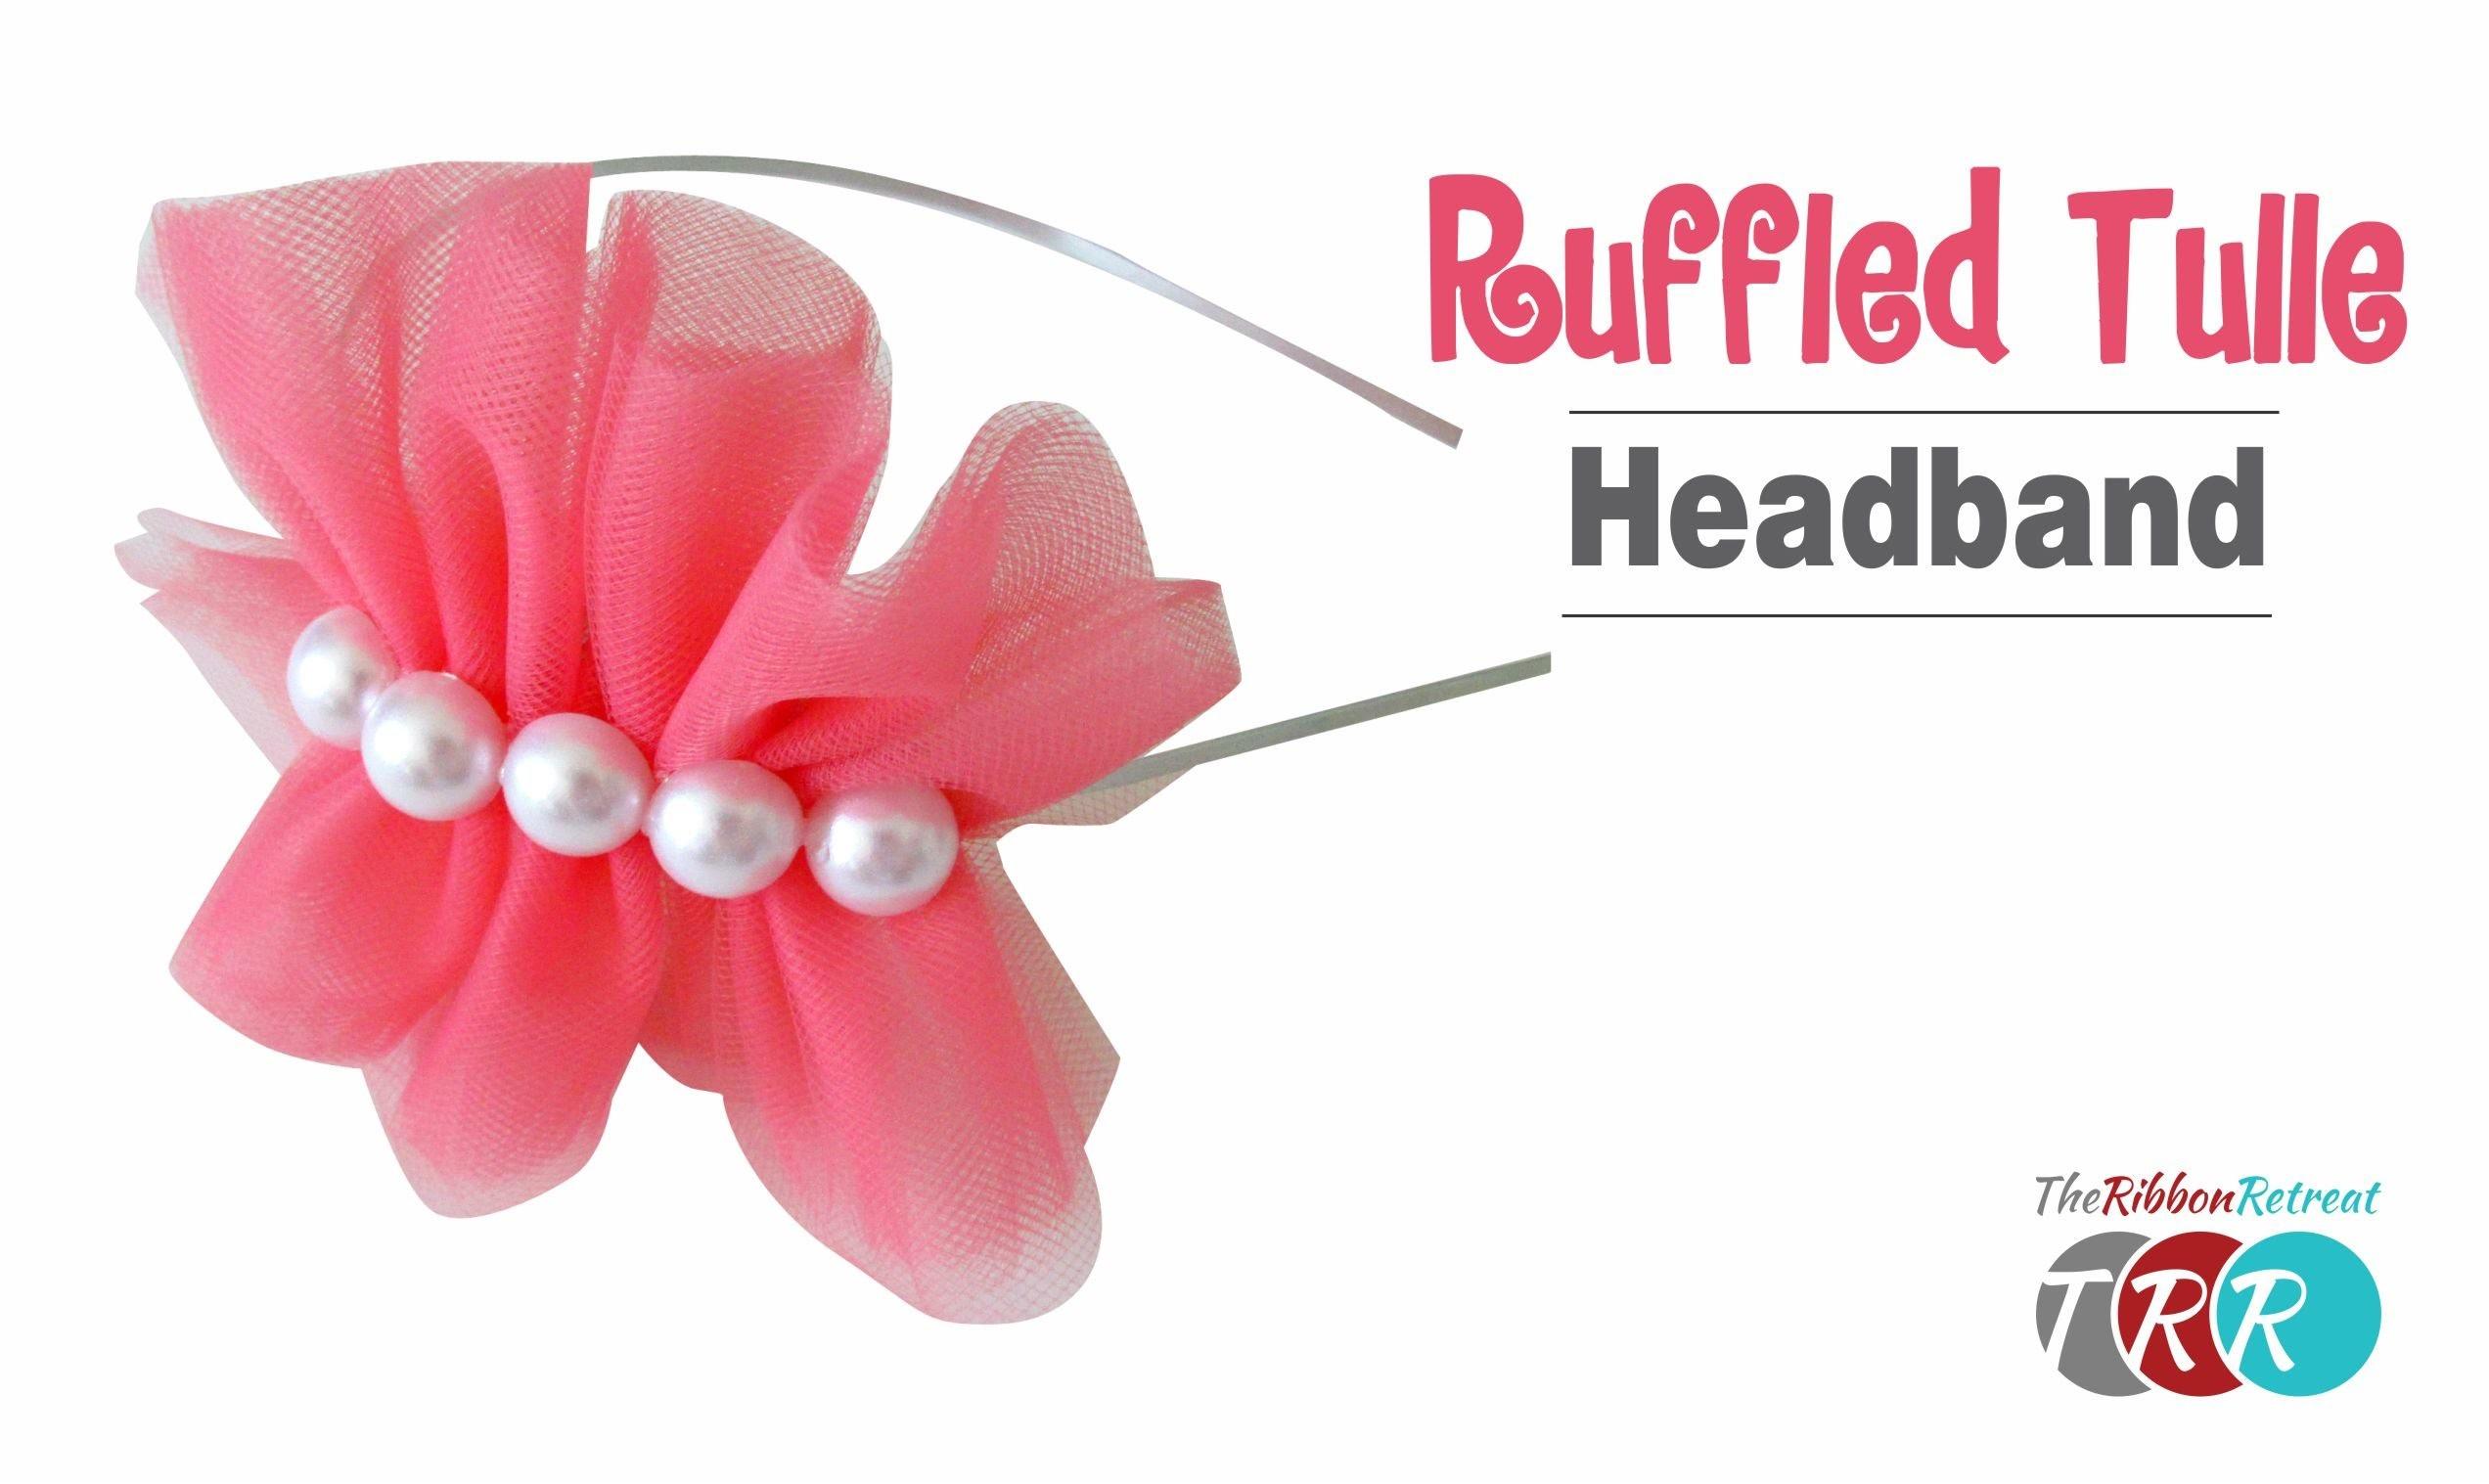 How to make a Ruffled Tulle Headband - TheRibbonRetreat.com